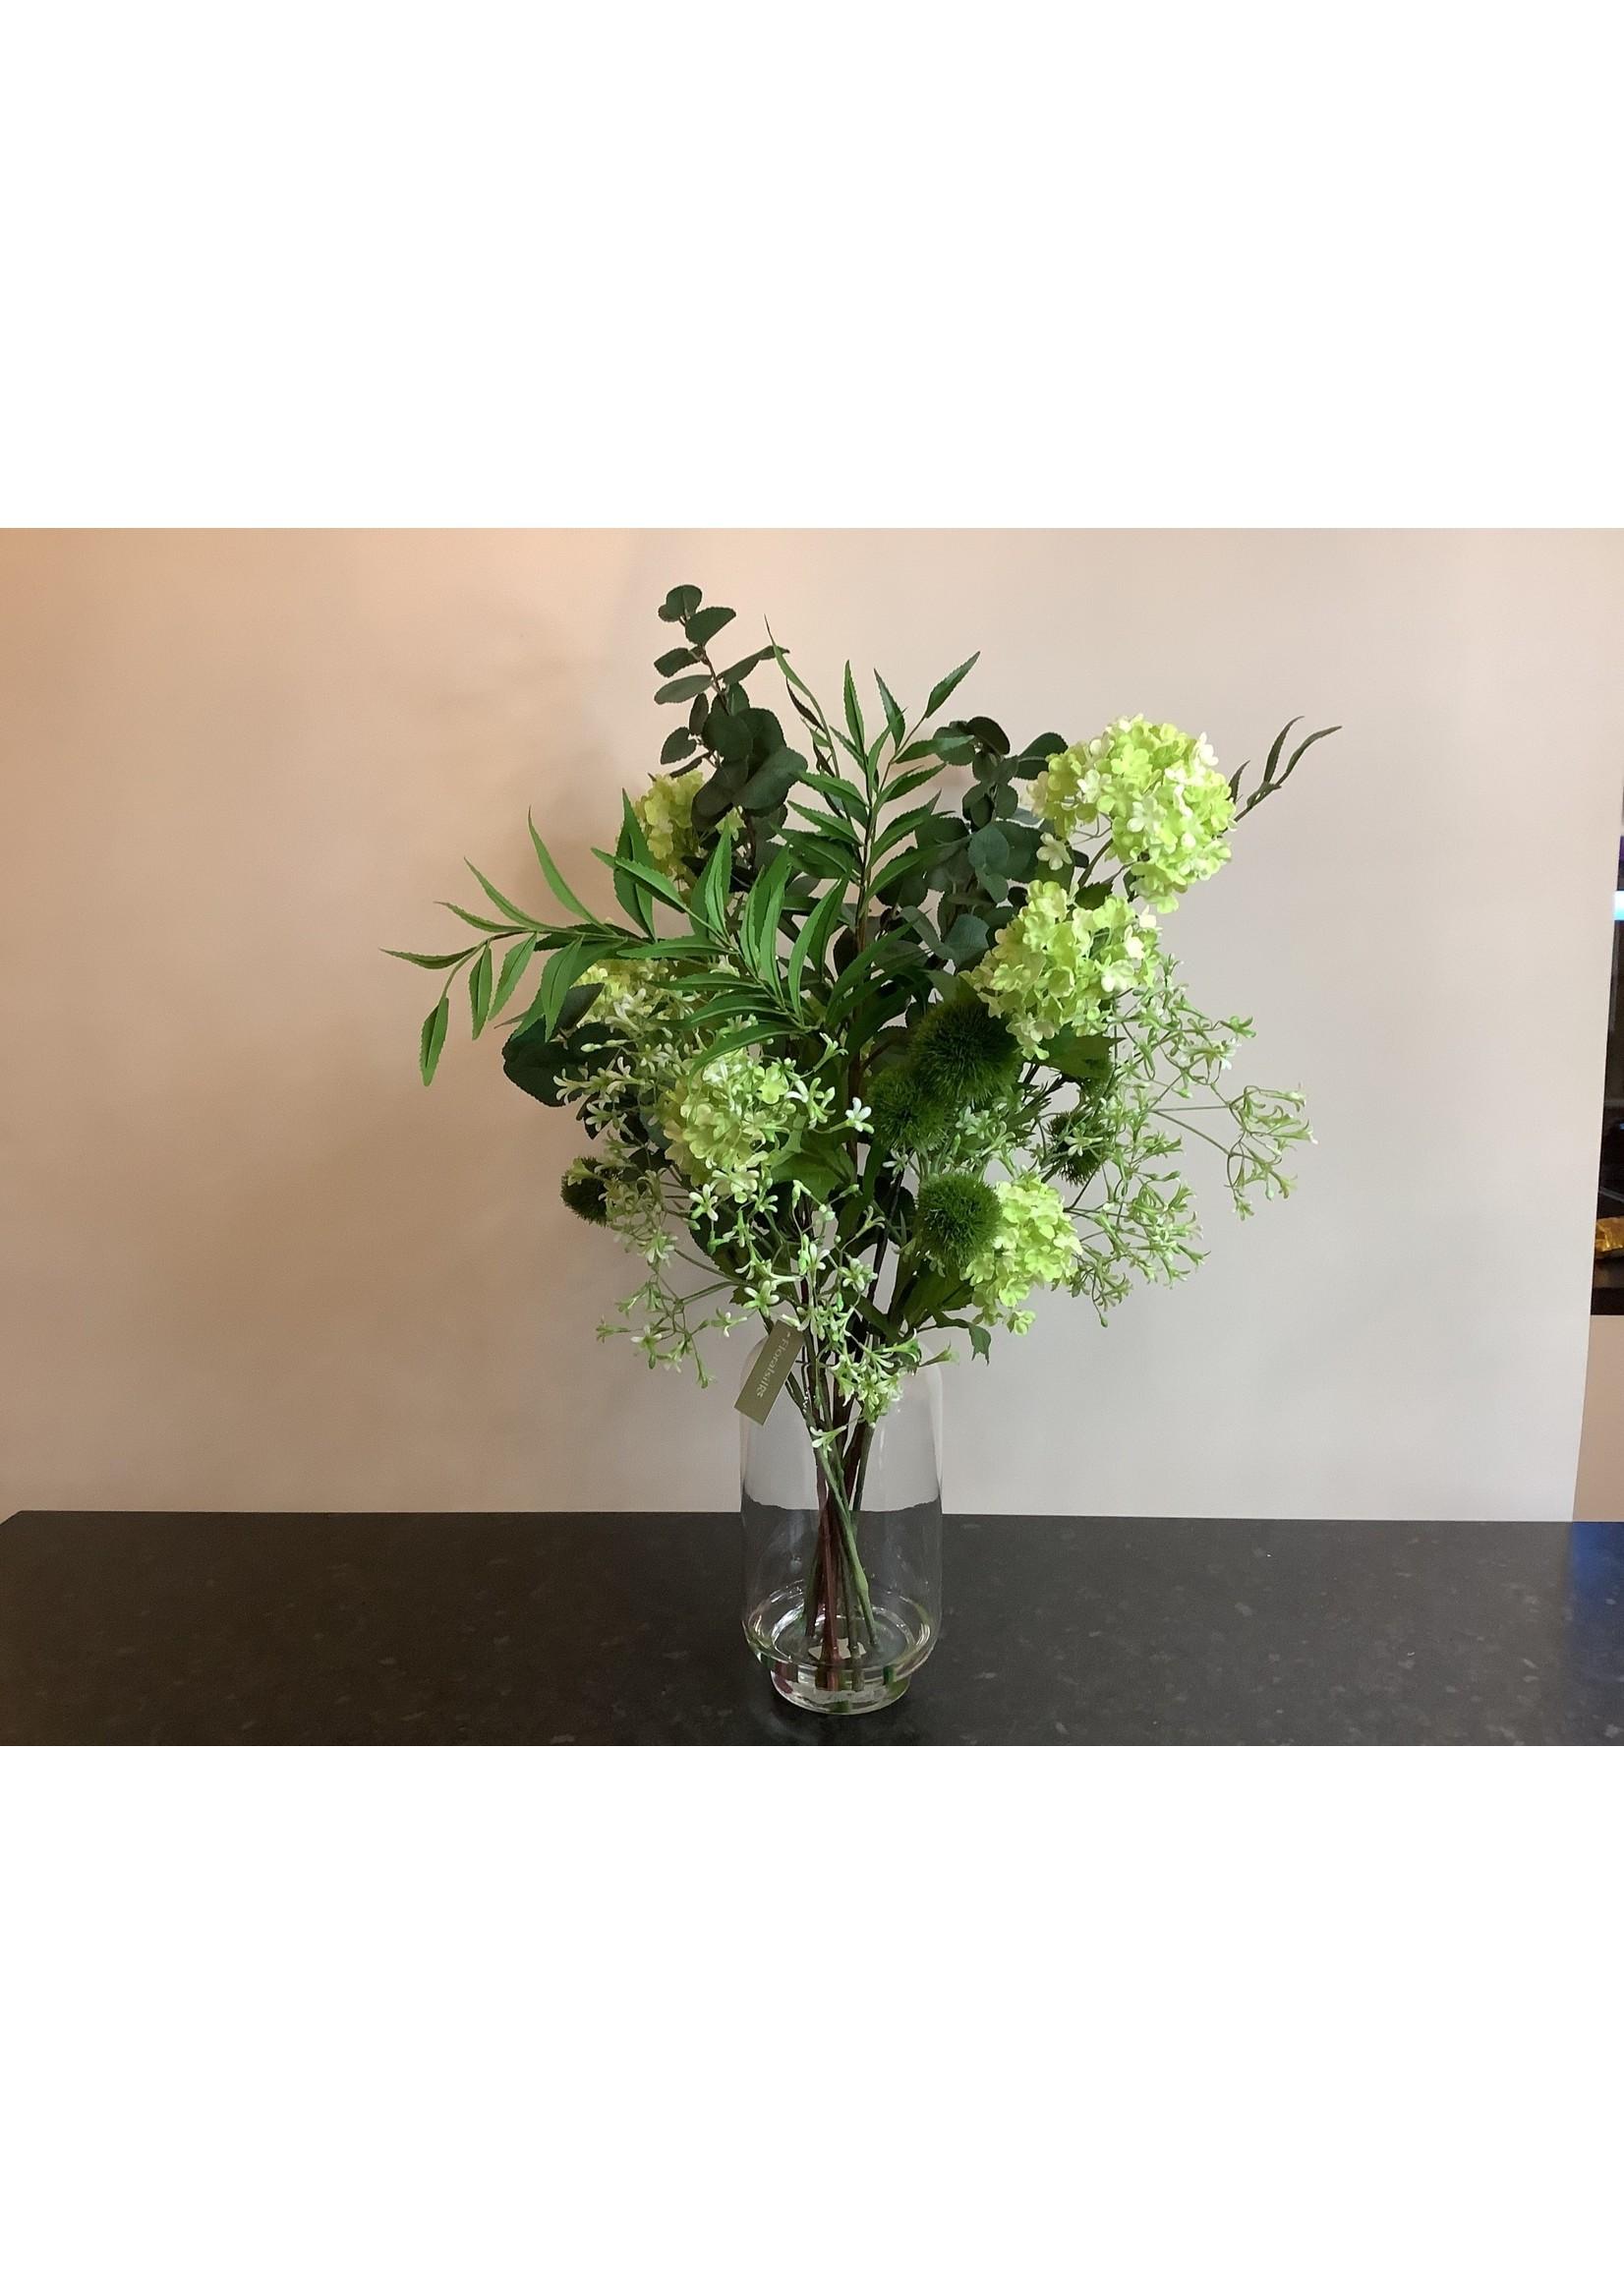 Viburnum & Foliage in Vase 76cm tall